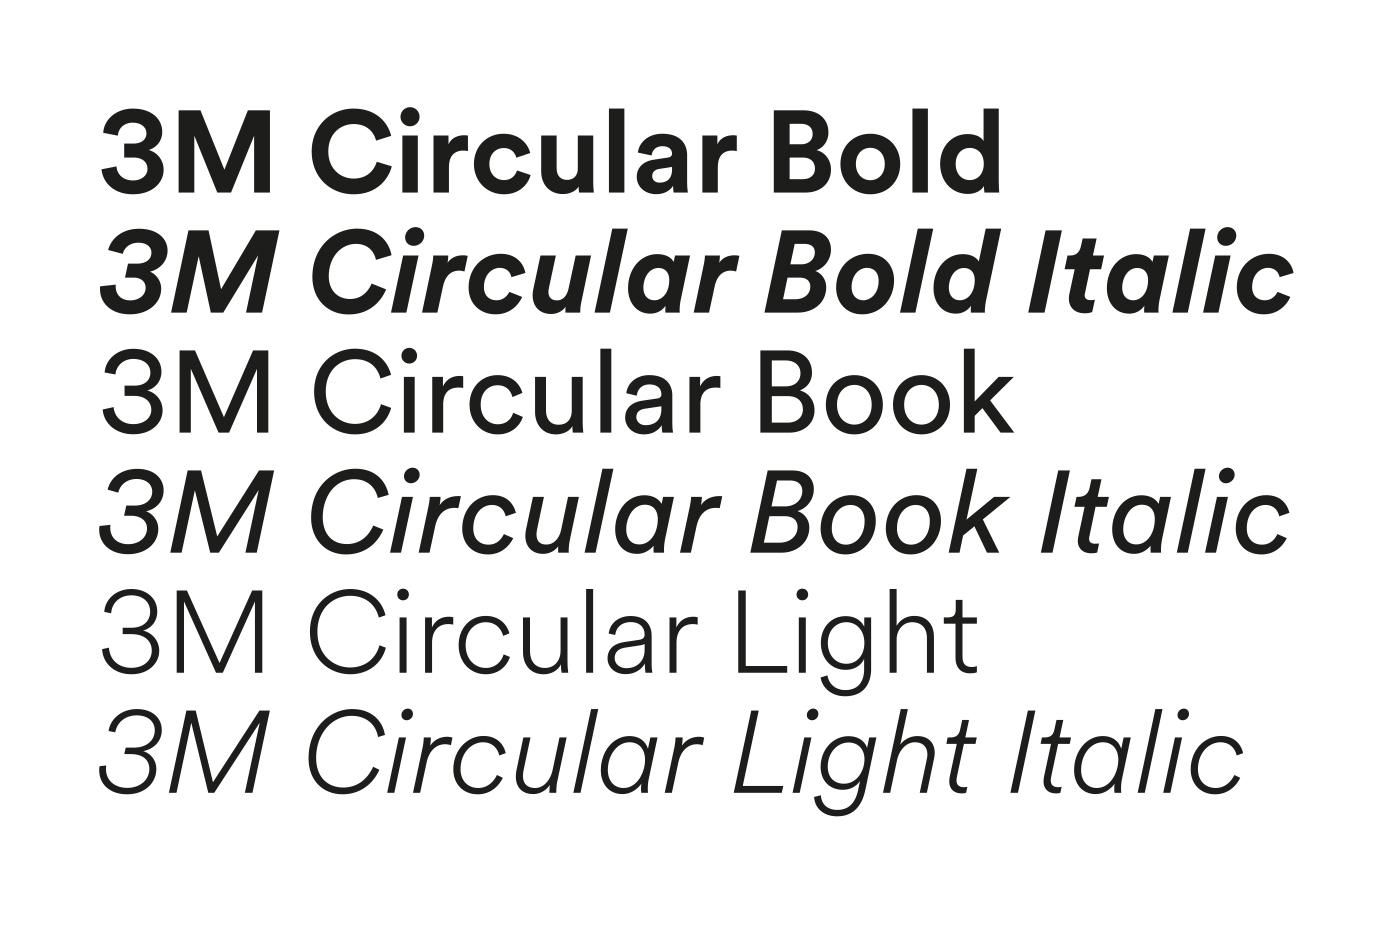 3M visual identity, customized typeface. Courtesy Wolff Olins